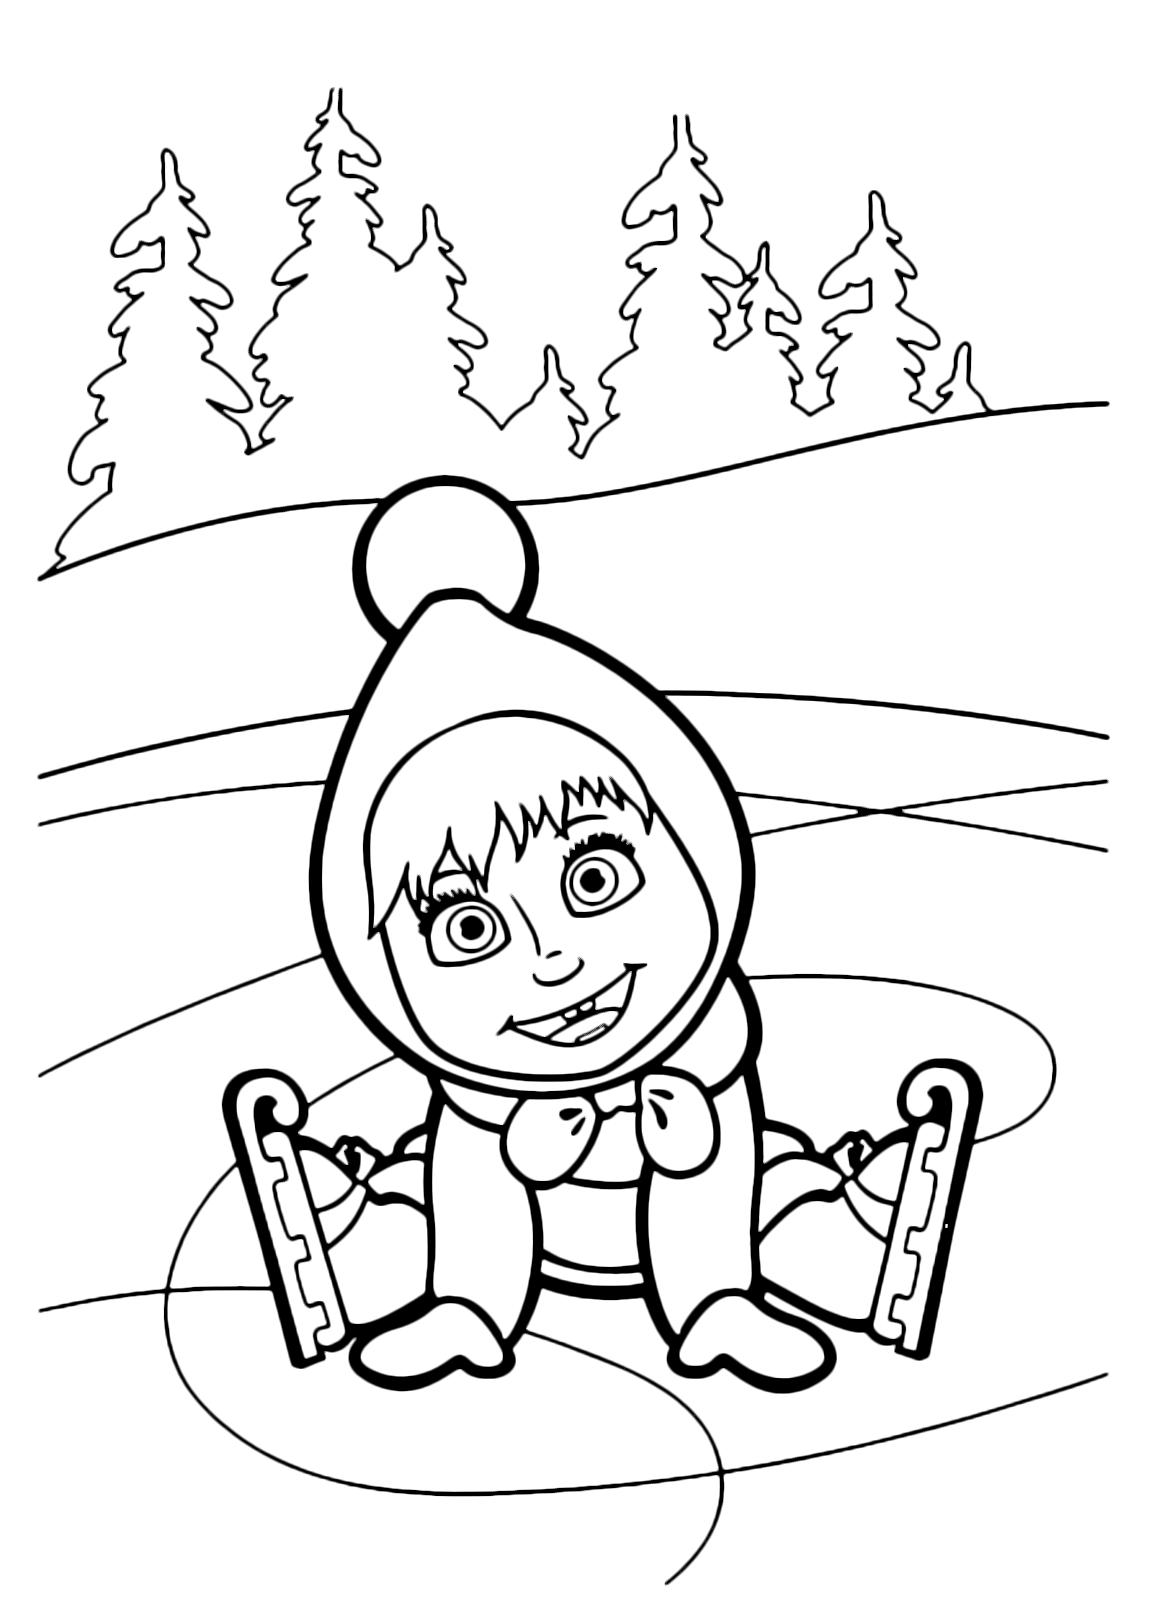 Masha e orso masha caduta con i pattini sul ghiaccio for Disegni da colorare masha e orso